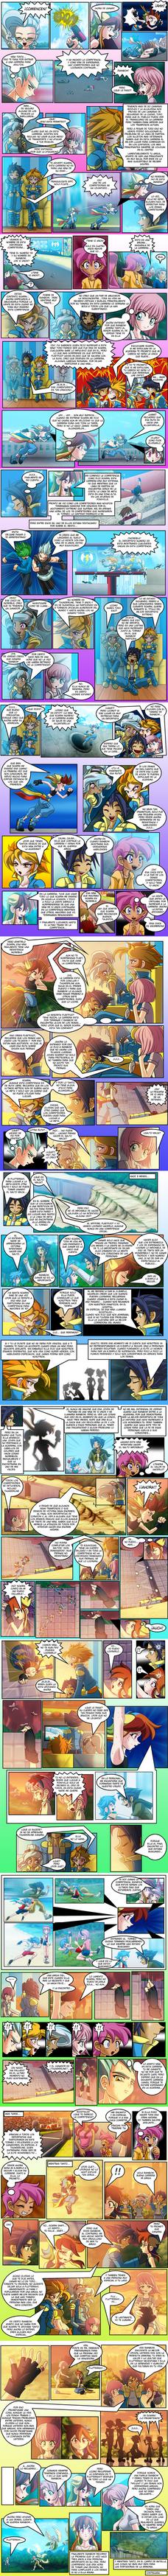 la magia de la amistad 05 parte 4 by mauroz